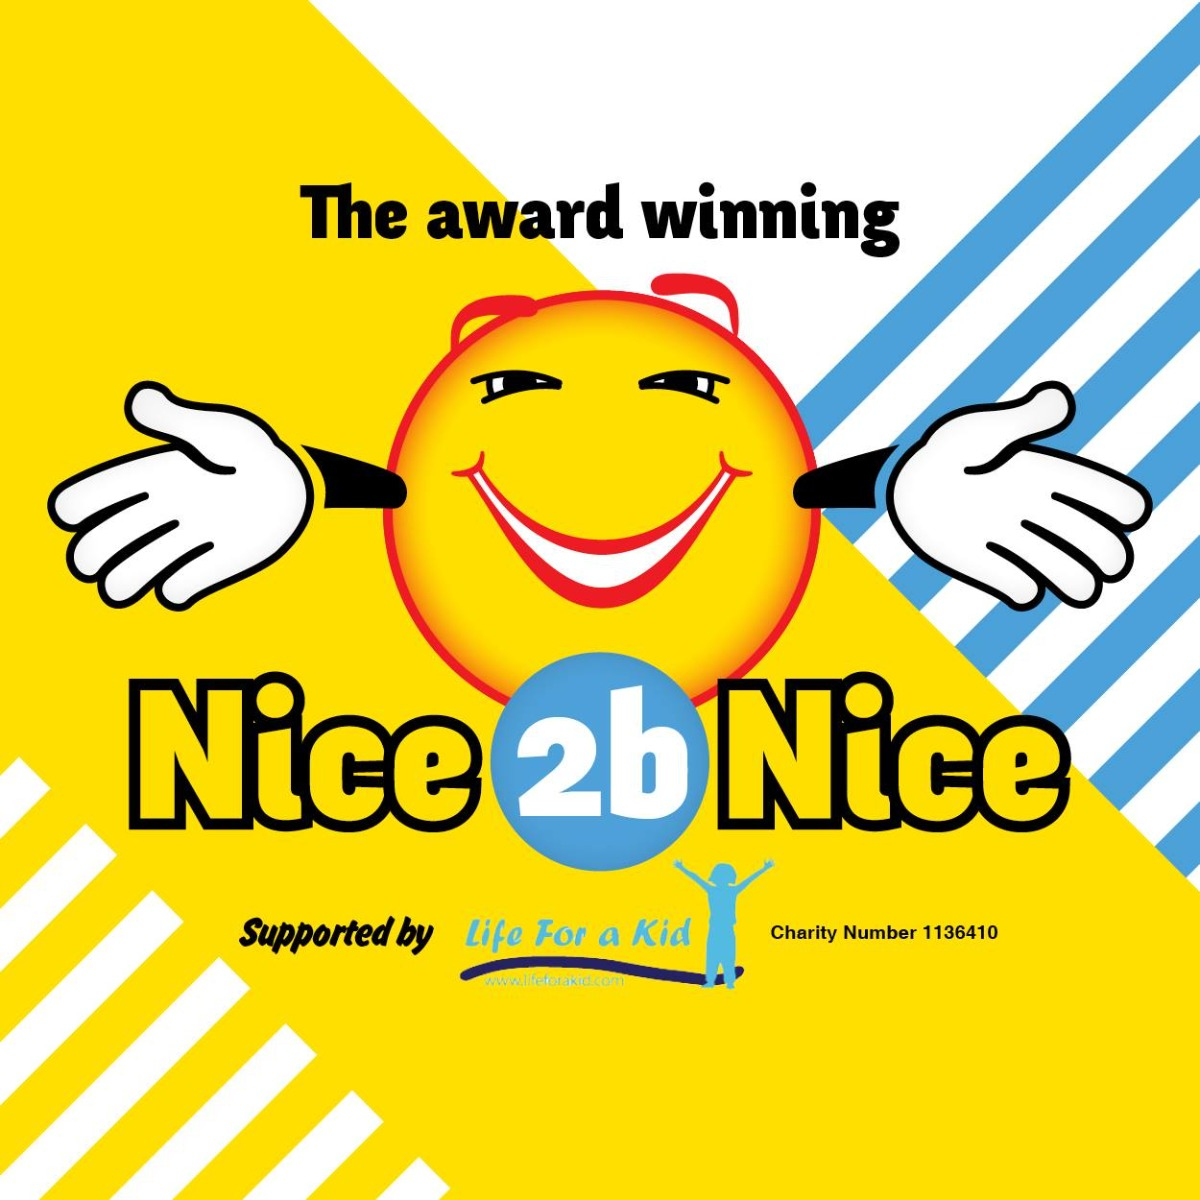 Nice 2b Nice